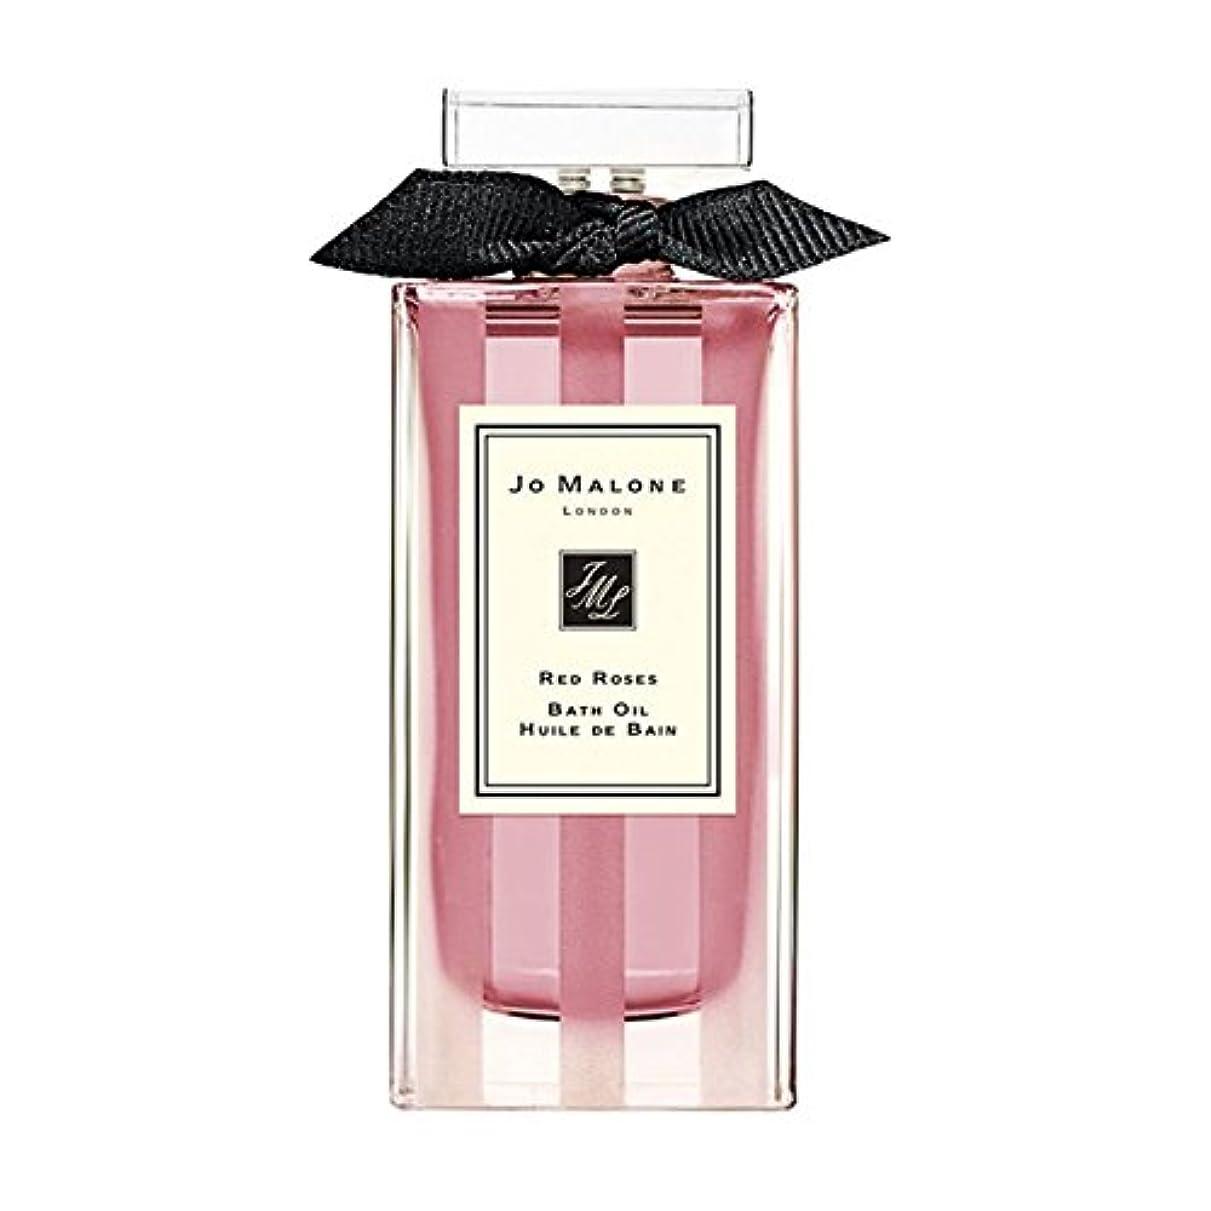 地下ハウジングなんでもJo Maloneジョーマローン, バスオイル - 赤いバラ (30ml)  'Red Roses' Bath Oil (1oz) [海外直送品] [並行輸入品]